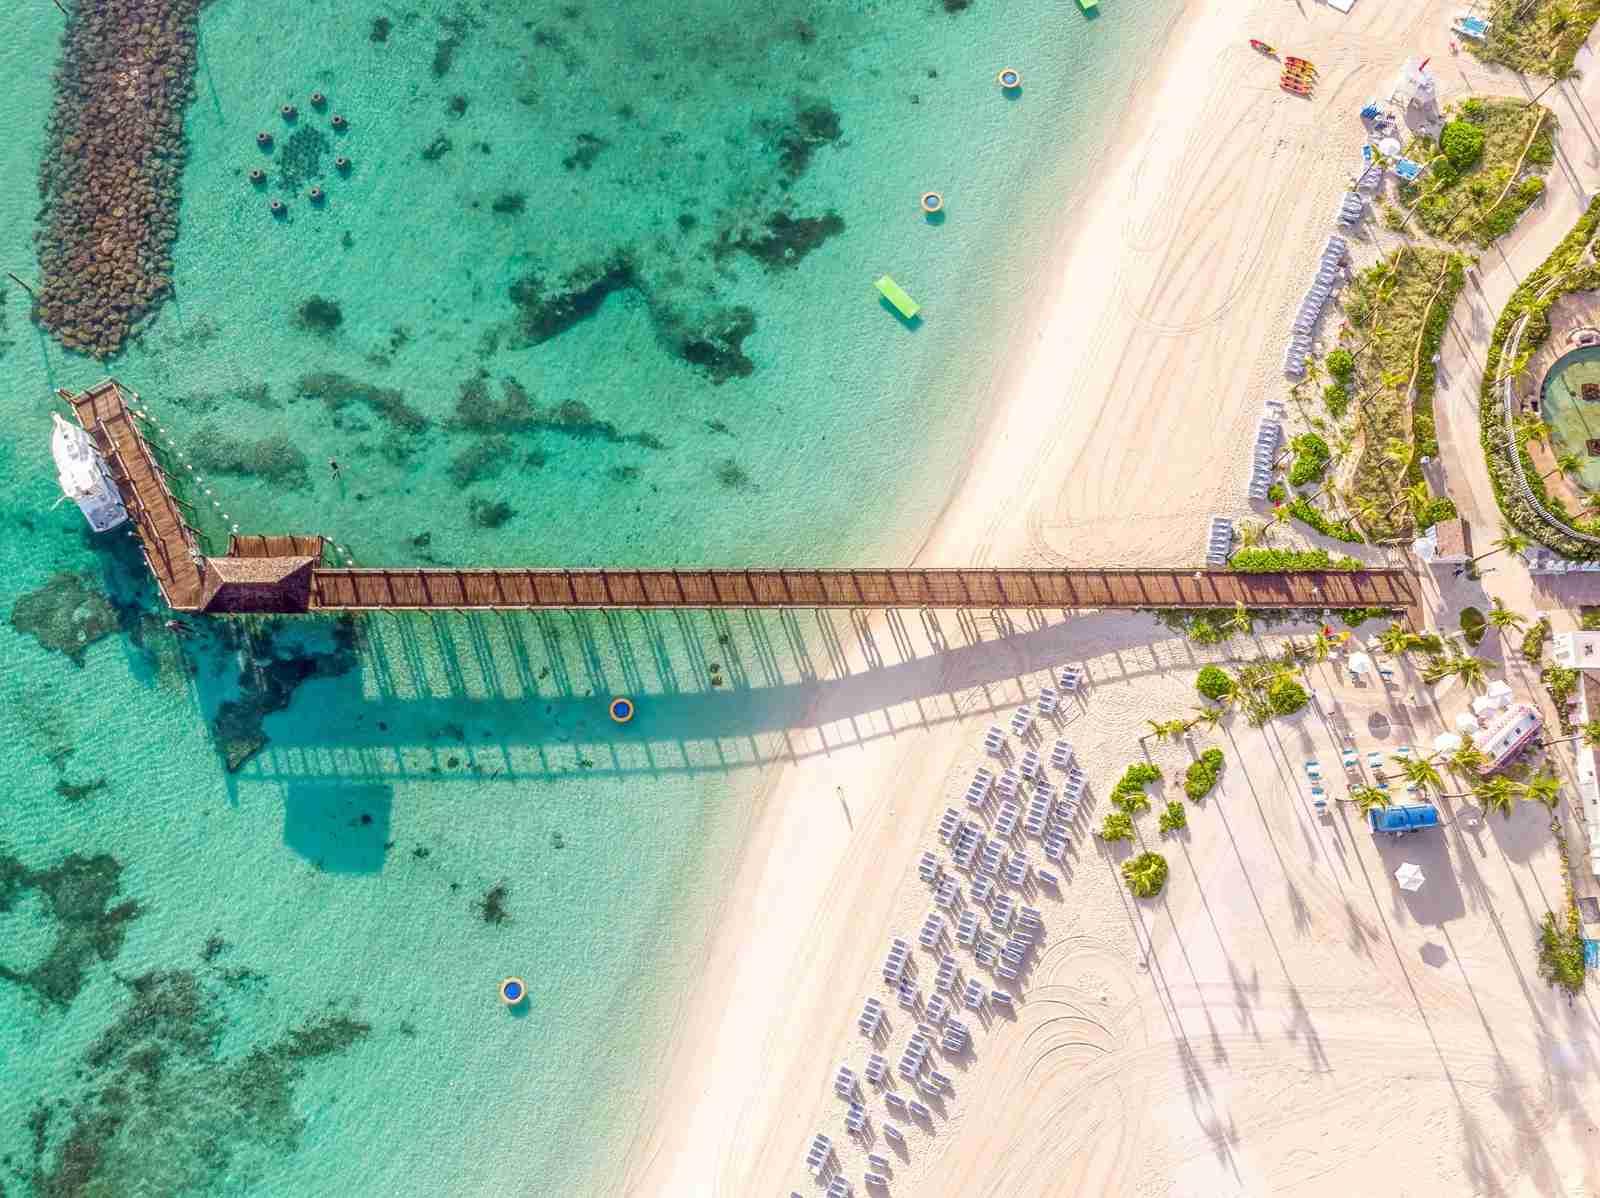 Nassau, Bahamas. (Photo by Terrence wijesena/Getty Images)